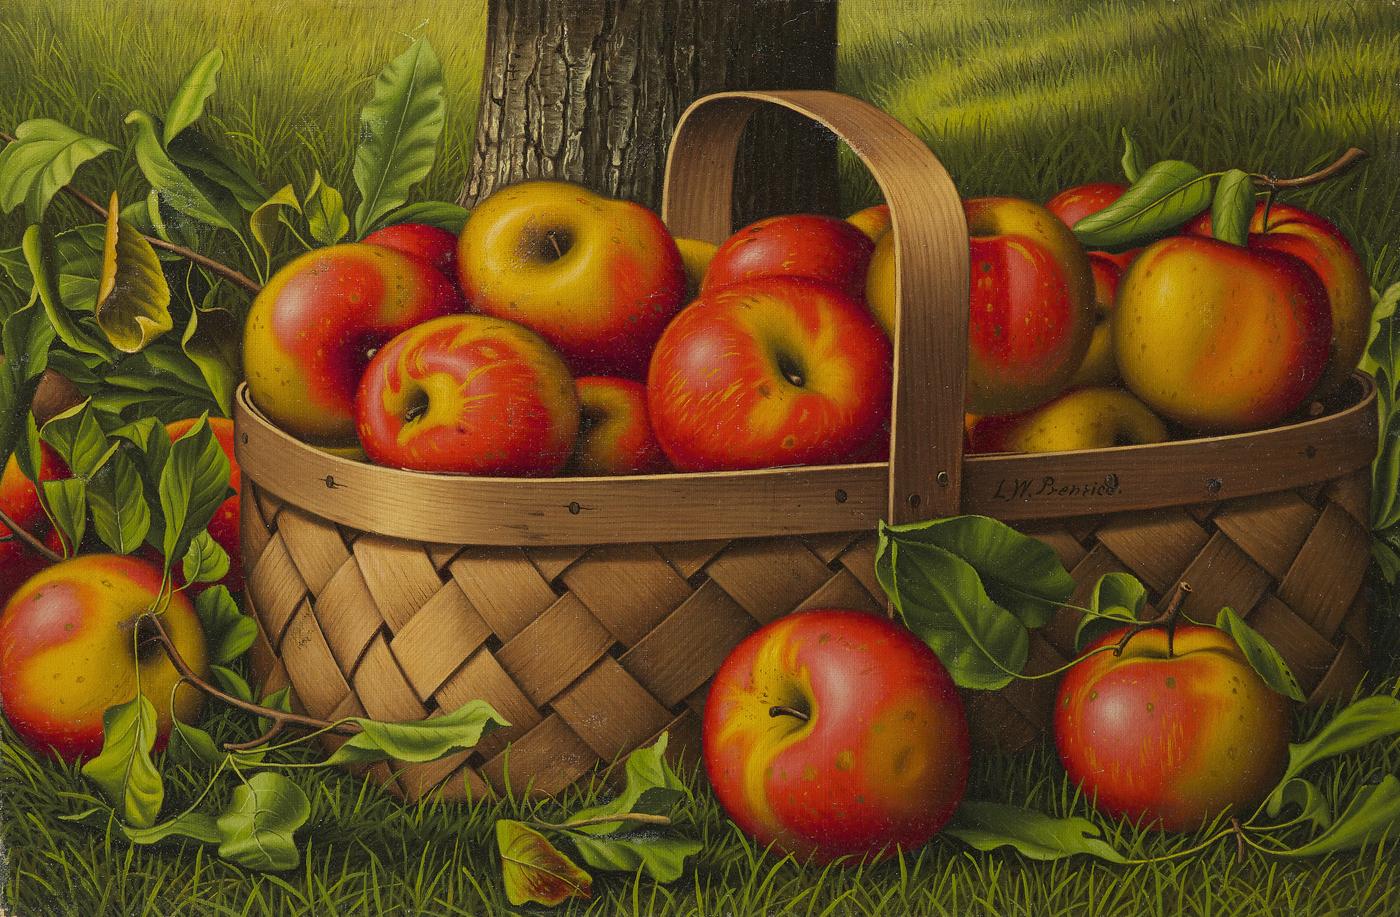 alt Apples in a Basket